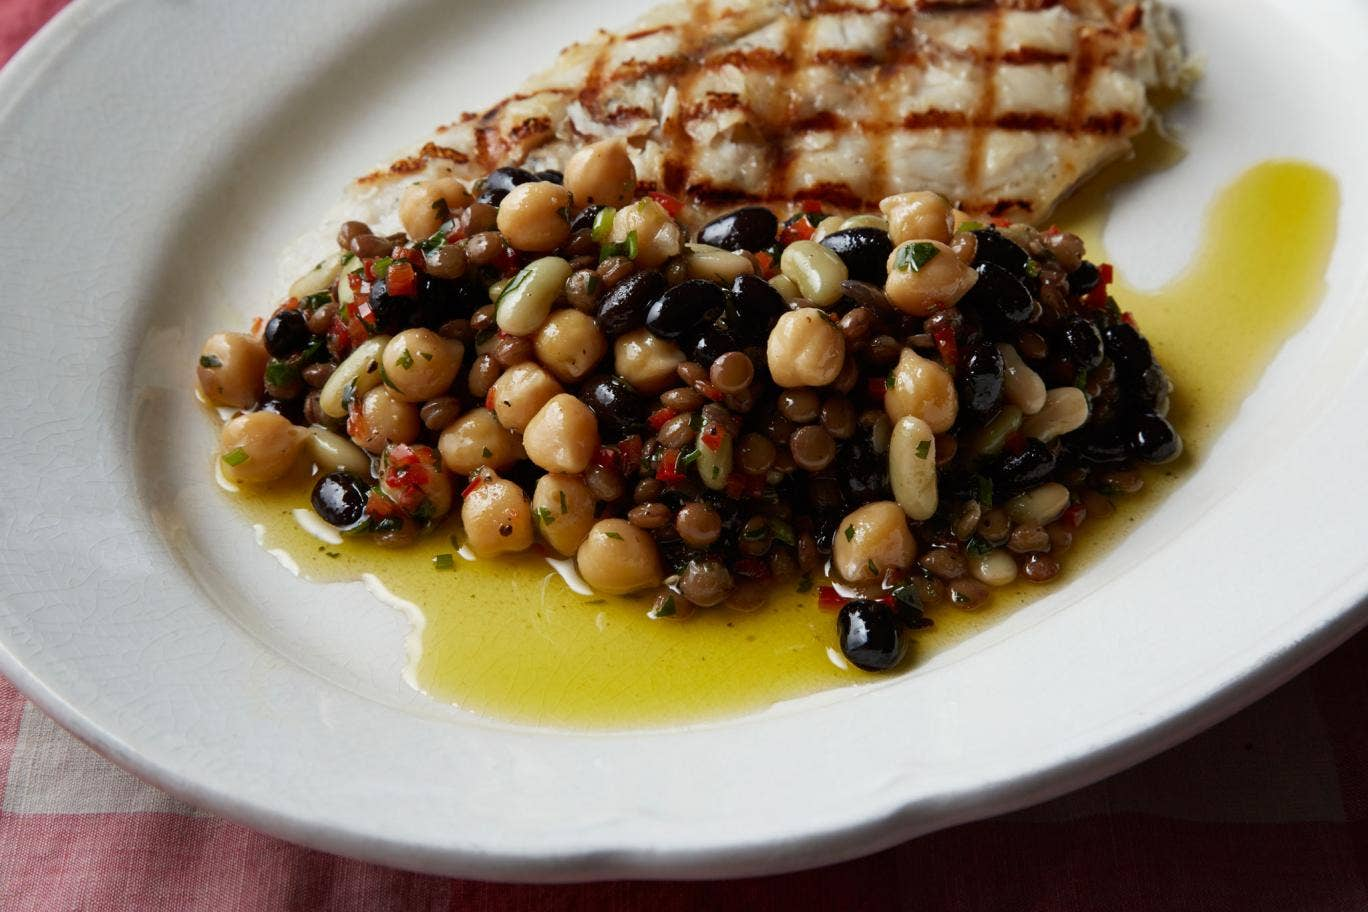 Mixed bean salad accompanying a fish dish